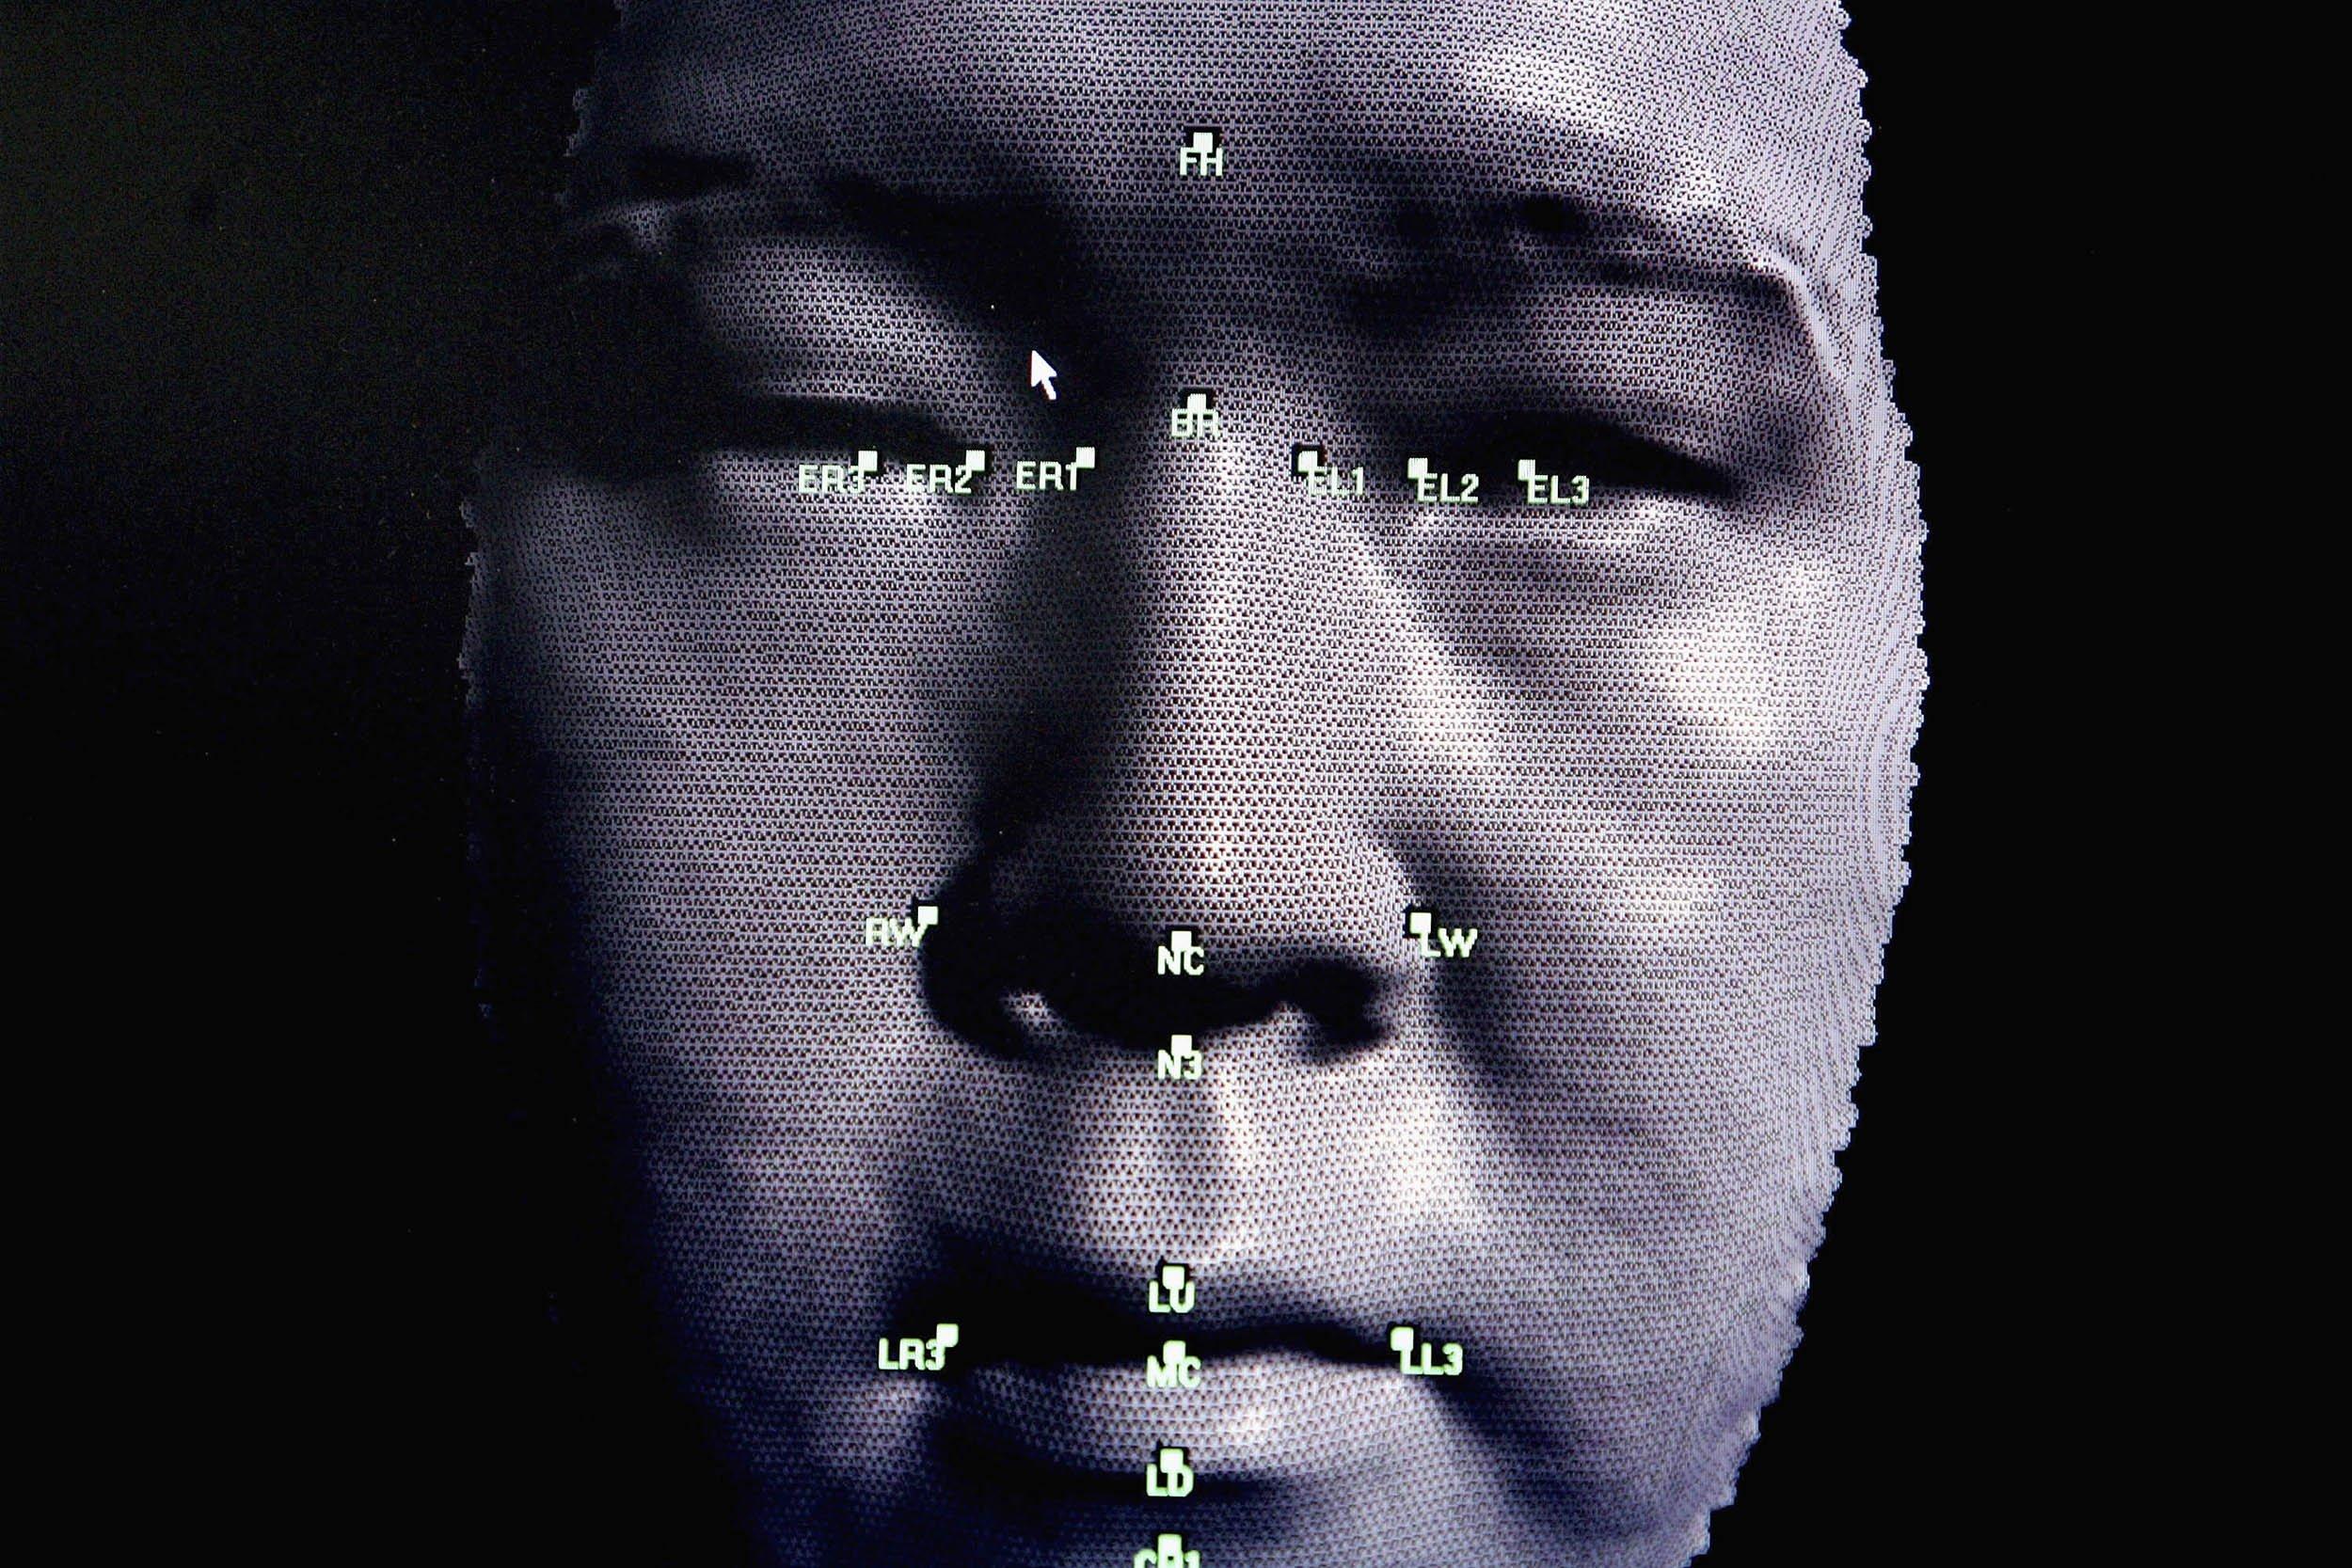 09_16_FacialRecognition